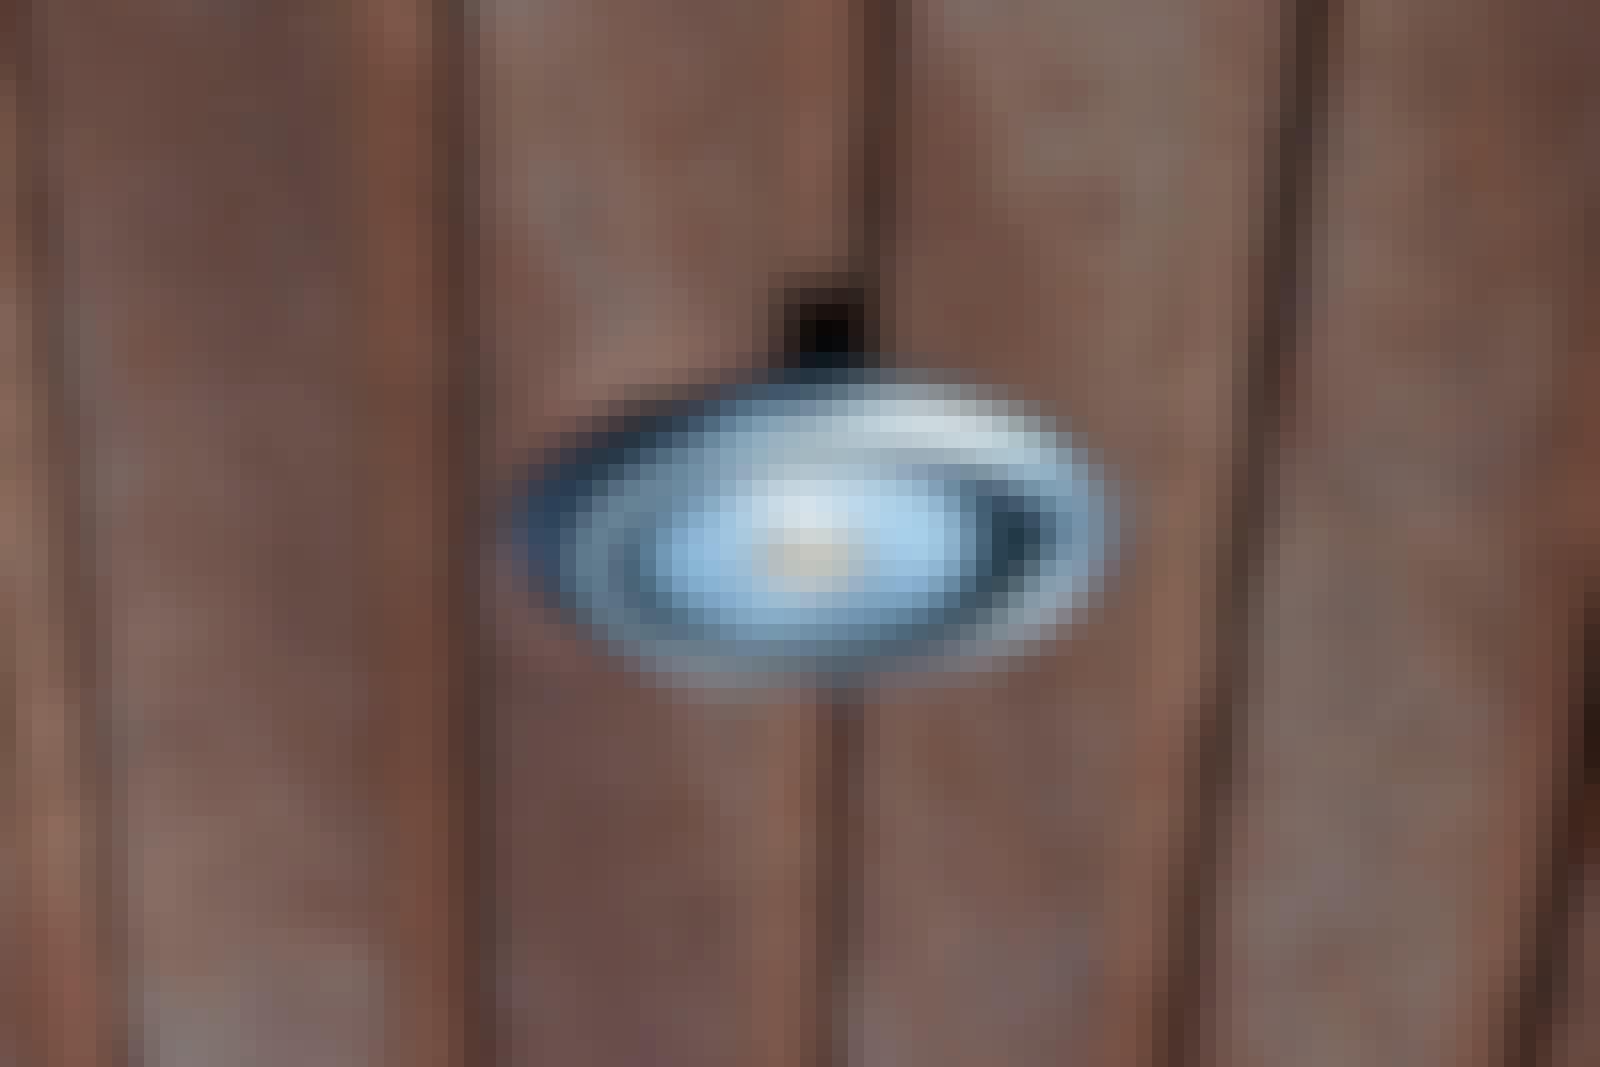 Udendørslamper: Paros. Lyspunkter til terrasse eller udhæng